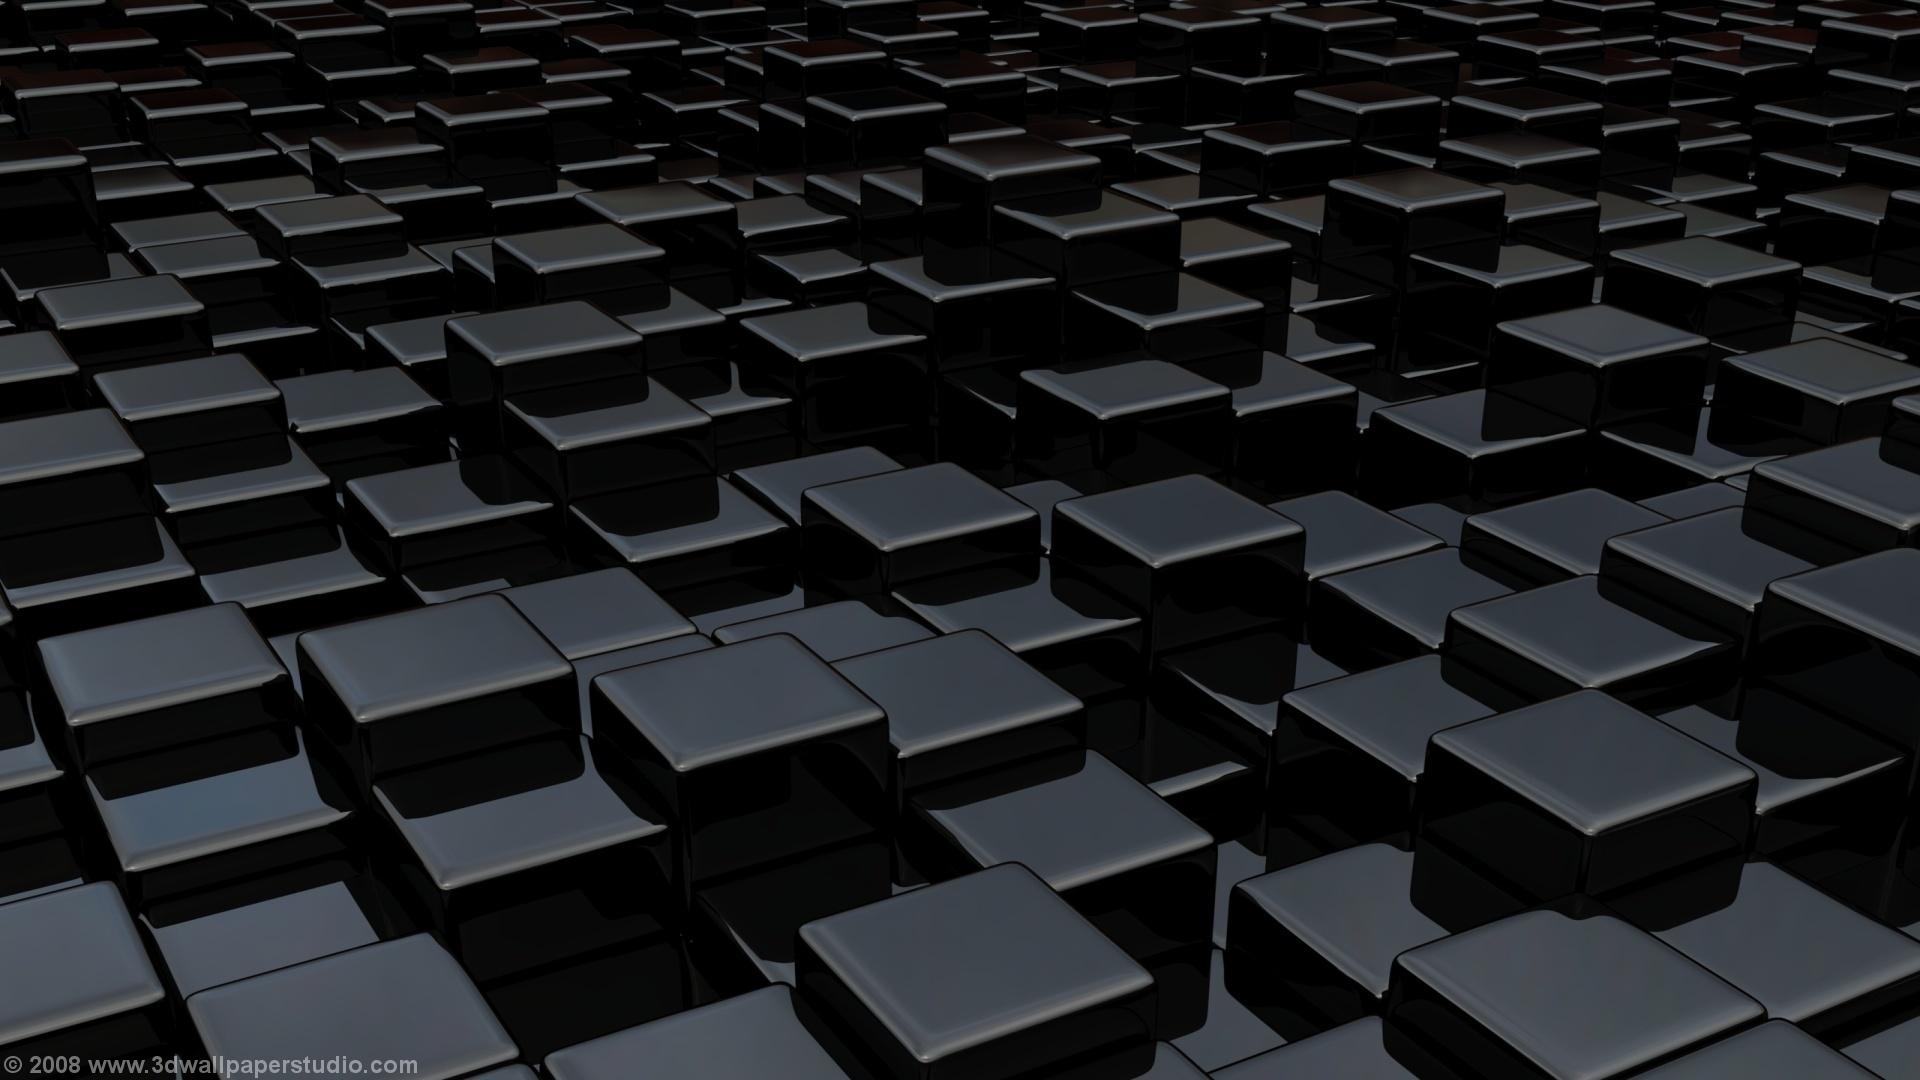 Black Cubes wallpaper   631365 1920x1080